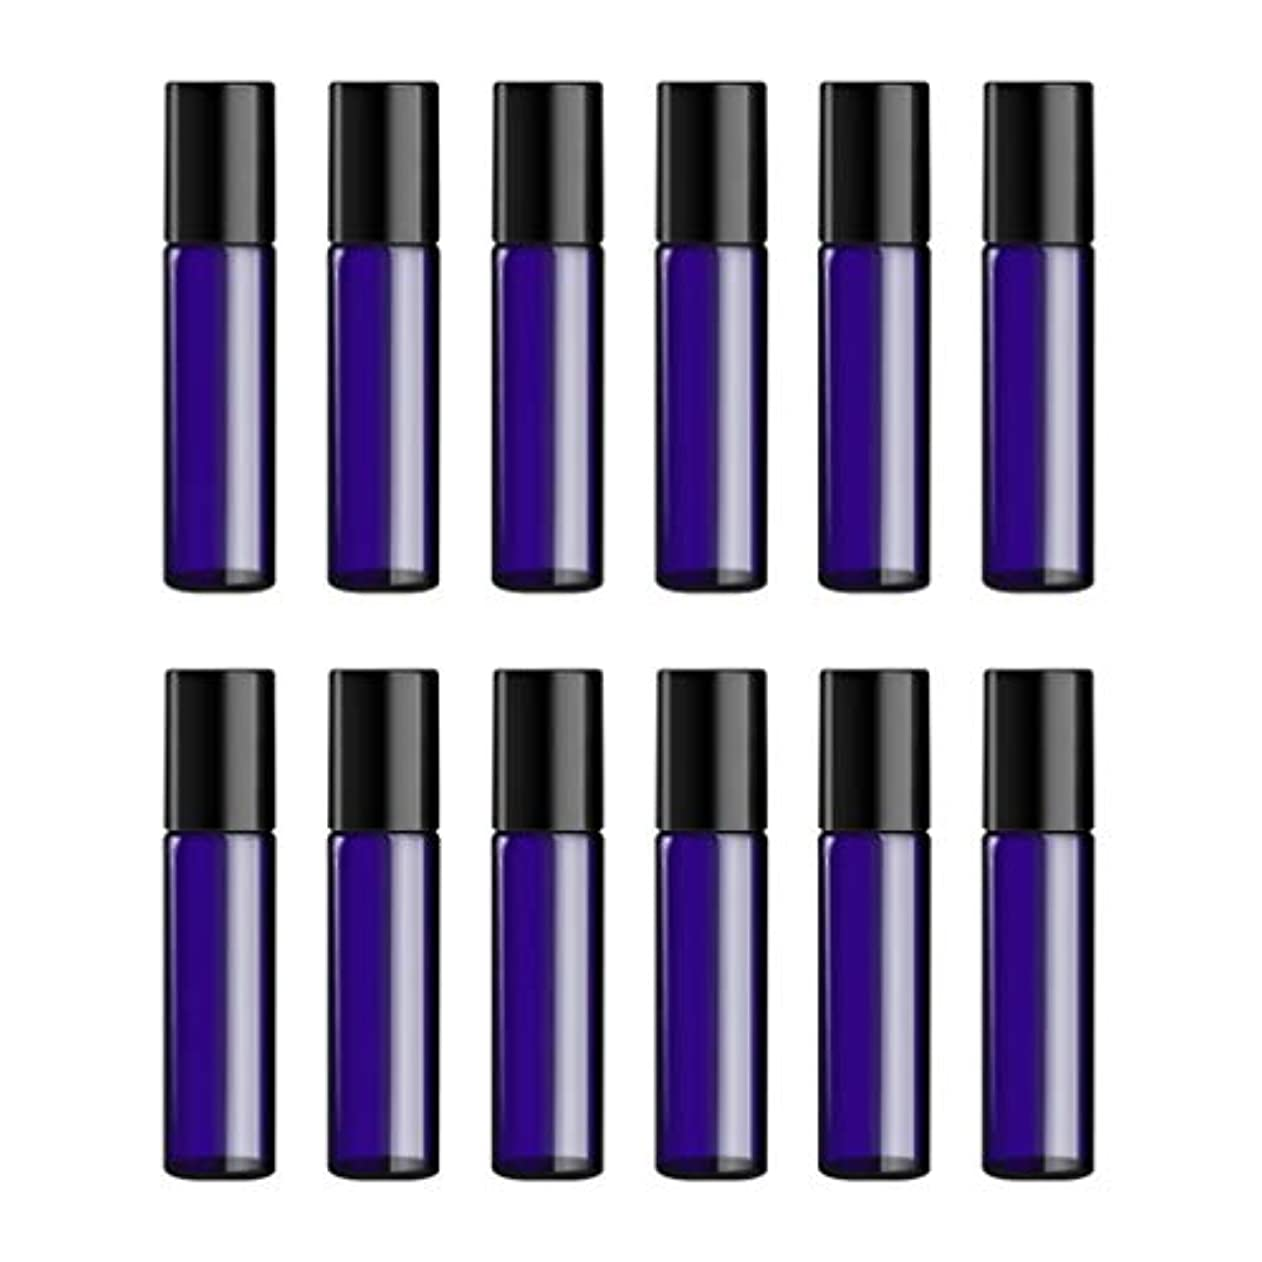 ギャラリーケープ翻訳者Lurrose ボトルのロール旅行旅行 精油 小分け用 詰め替えローラーボールエッセンシャルオイル 精油ローラーボトルガラス香水瓶 10mlの12PCS 青